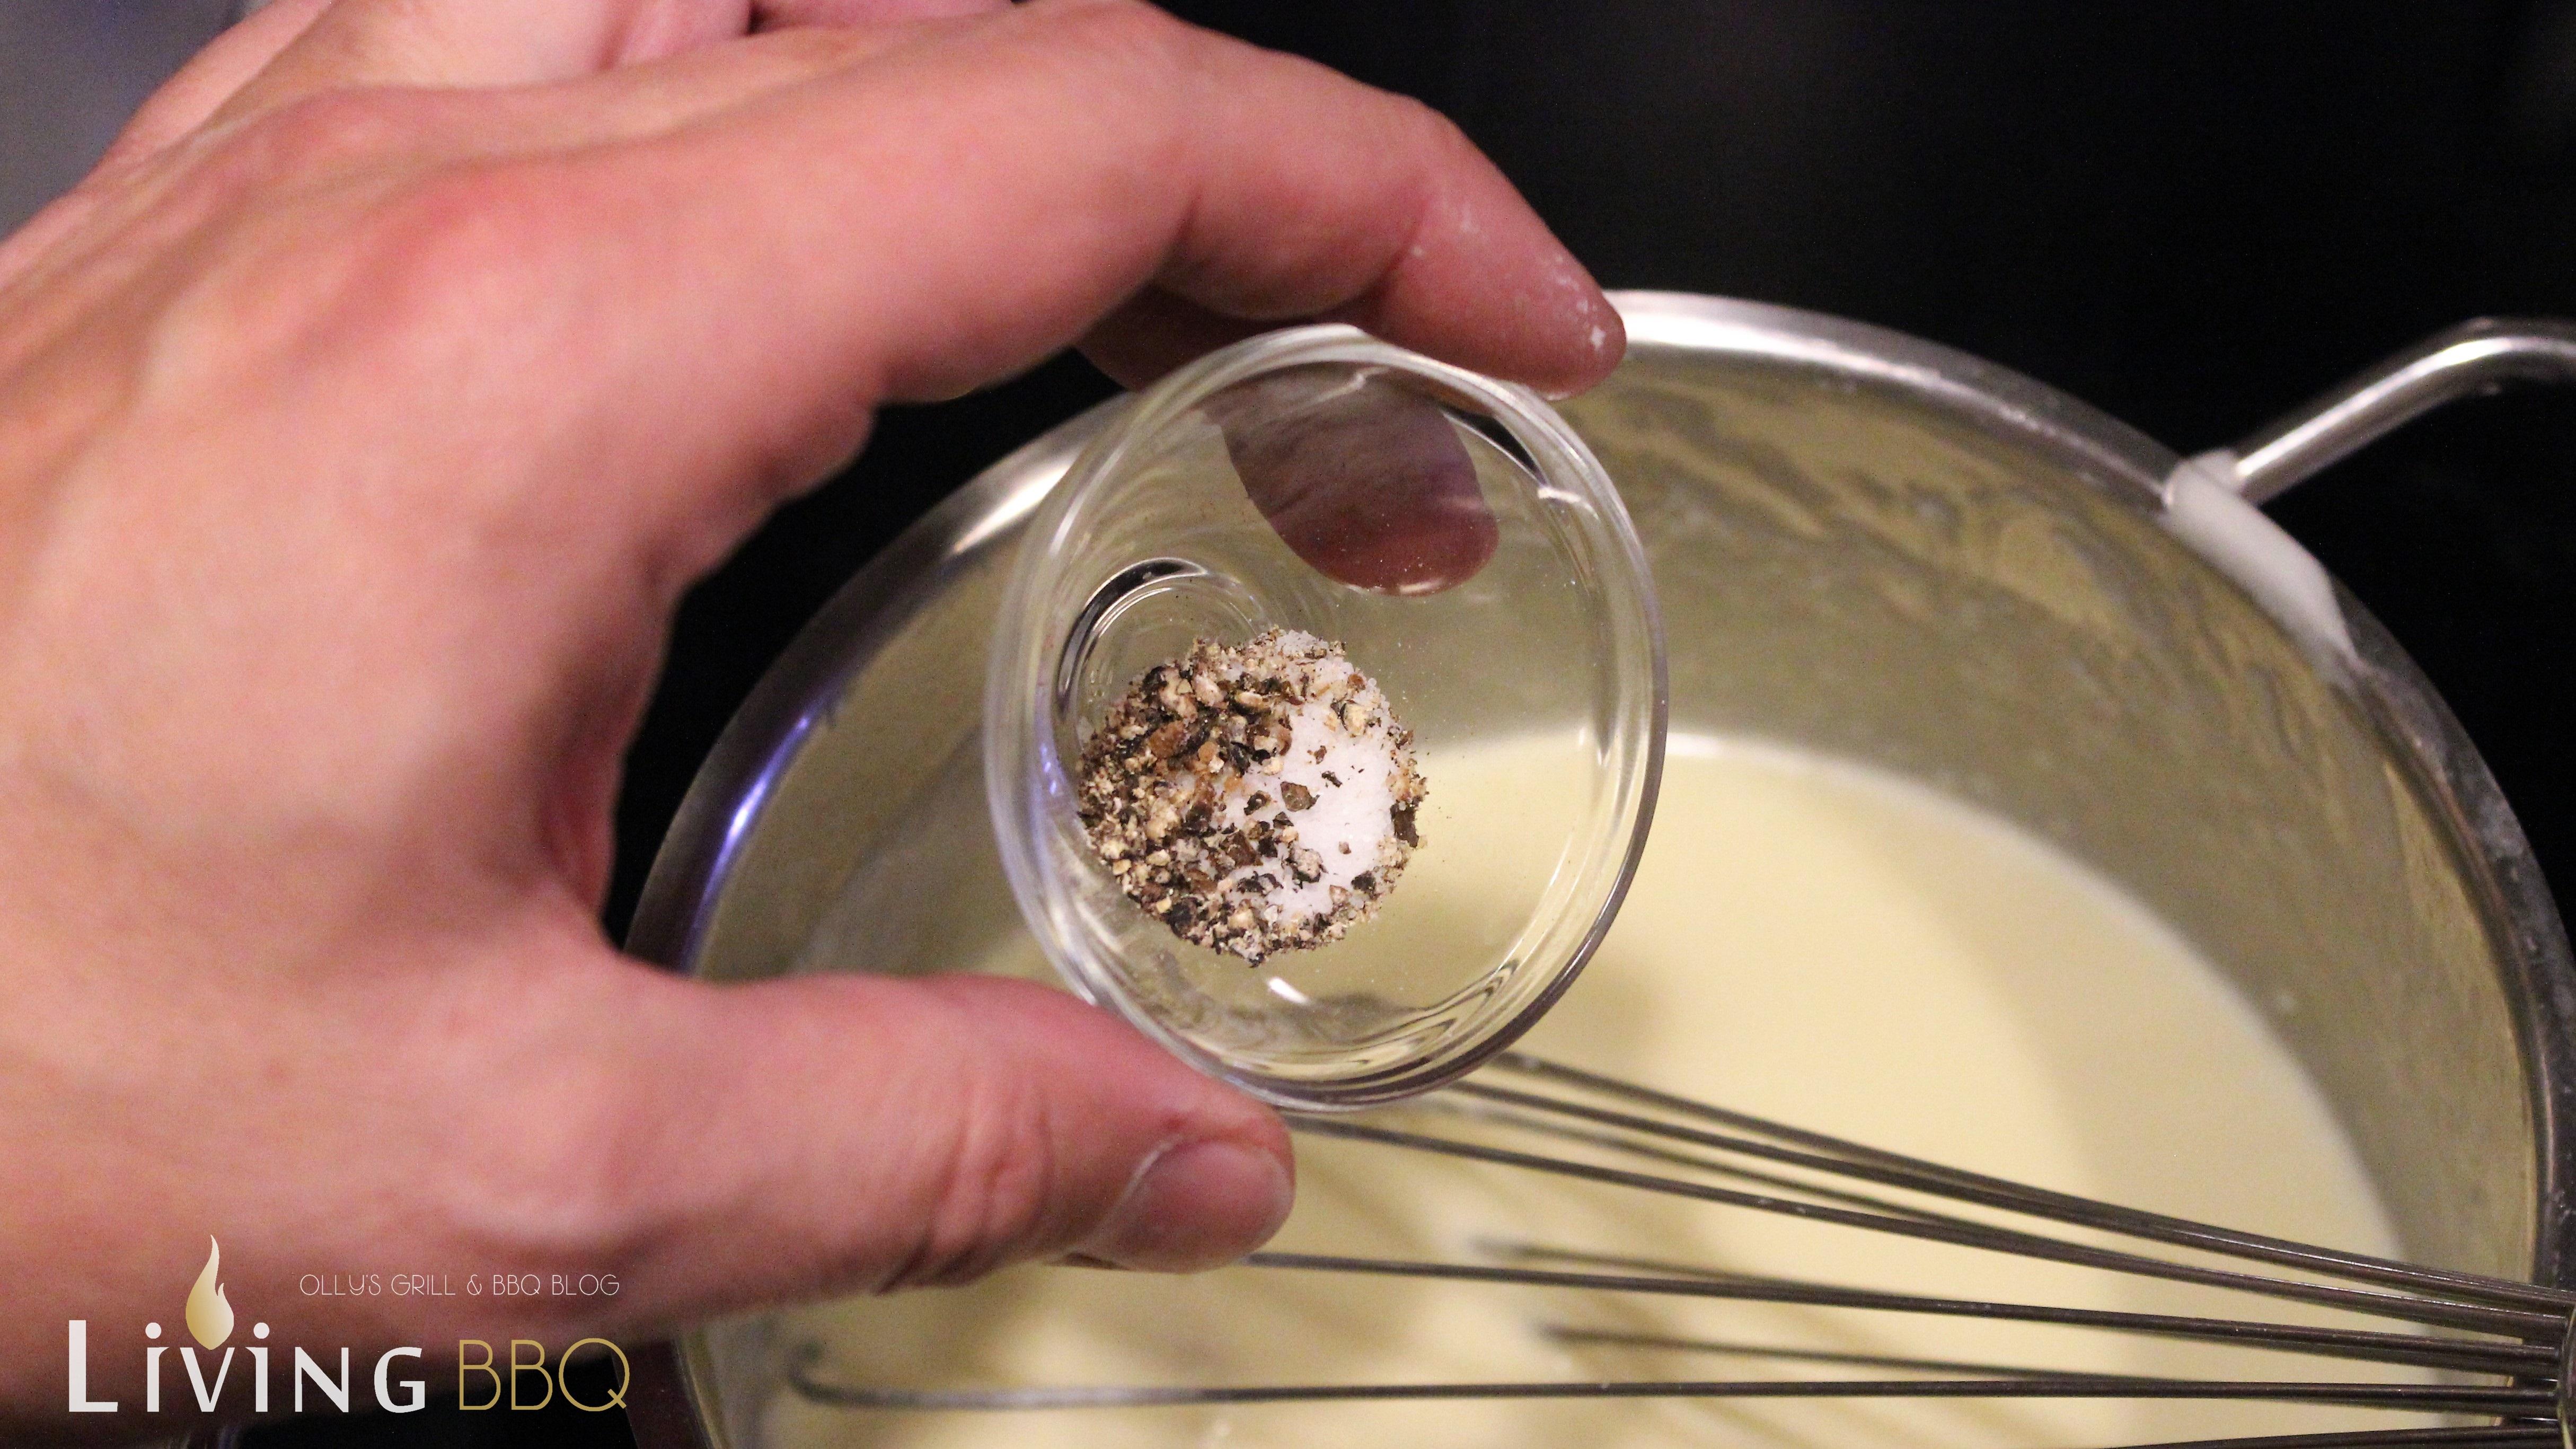 Salz und Pfeffer makkaroni mit käse_Makkaroni und K  se Salz und Pfeffer